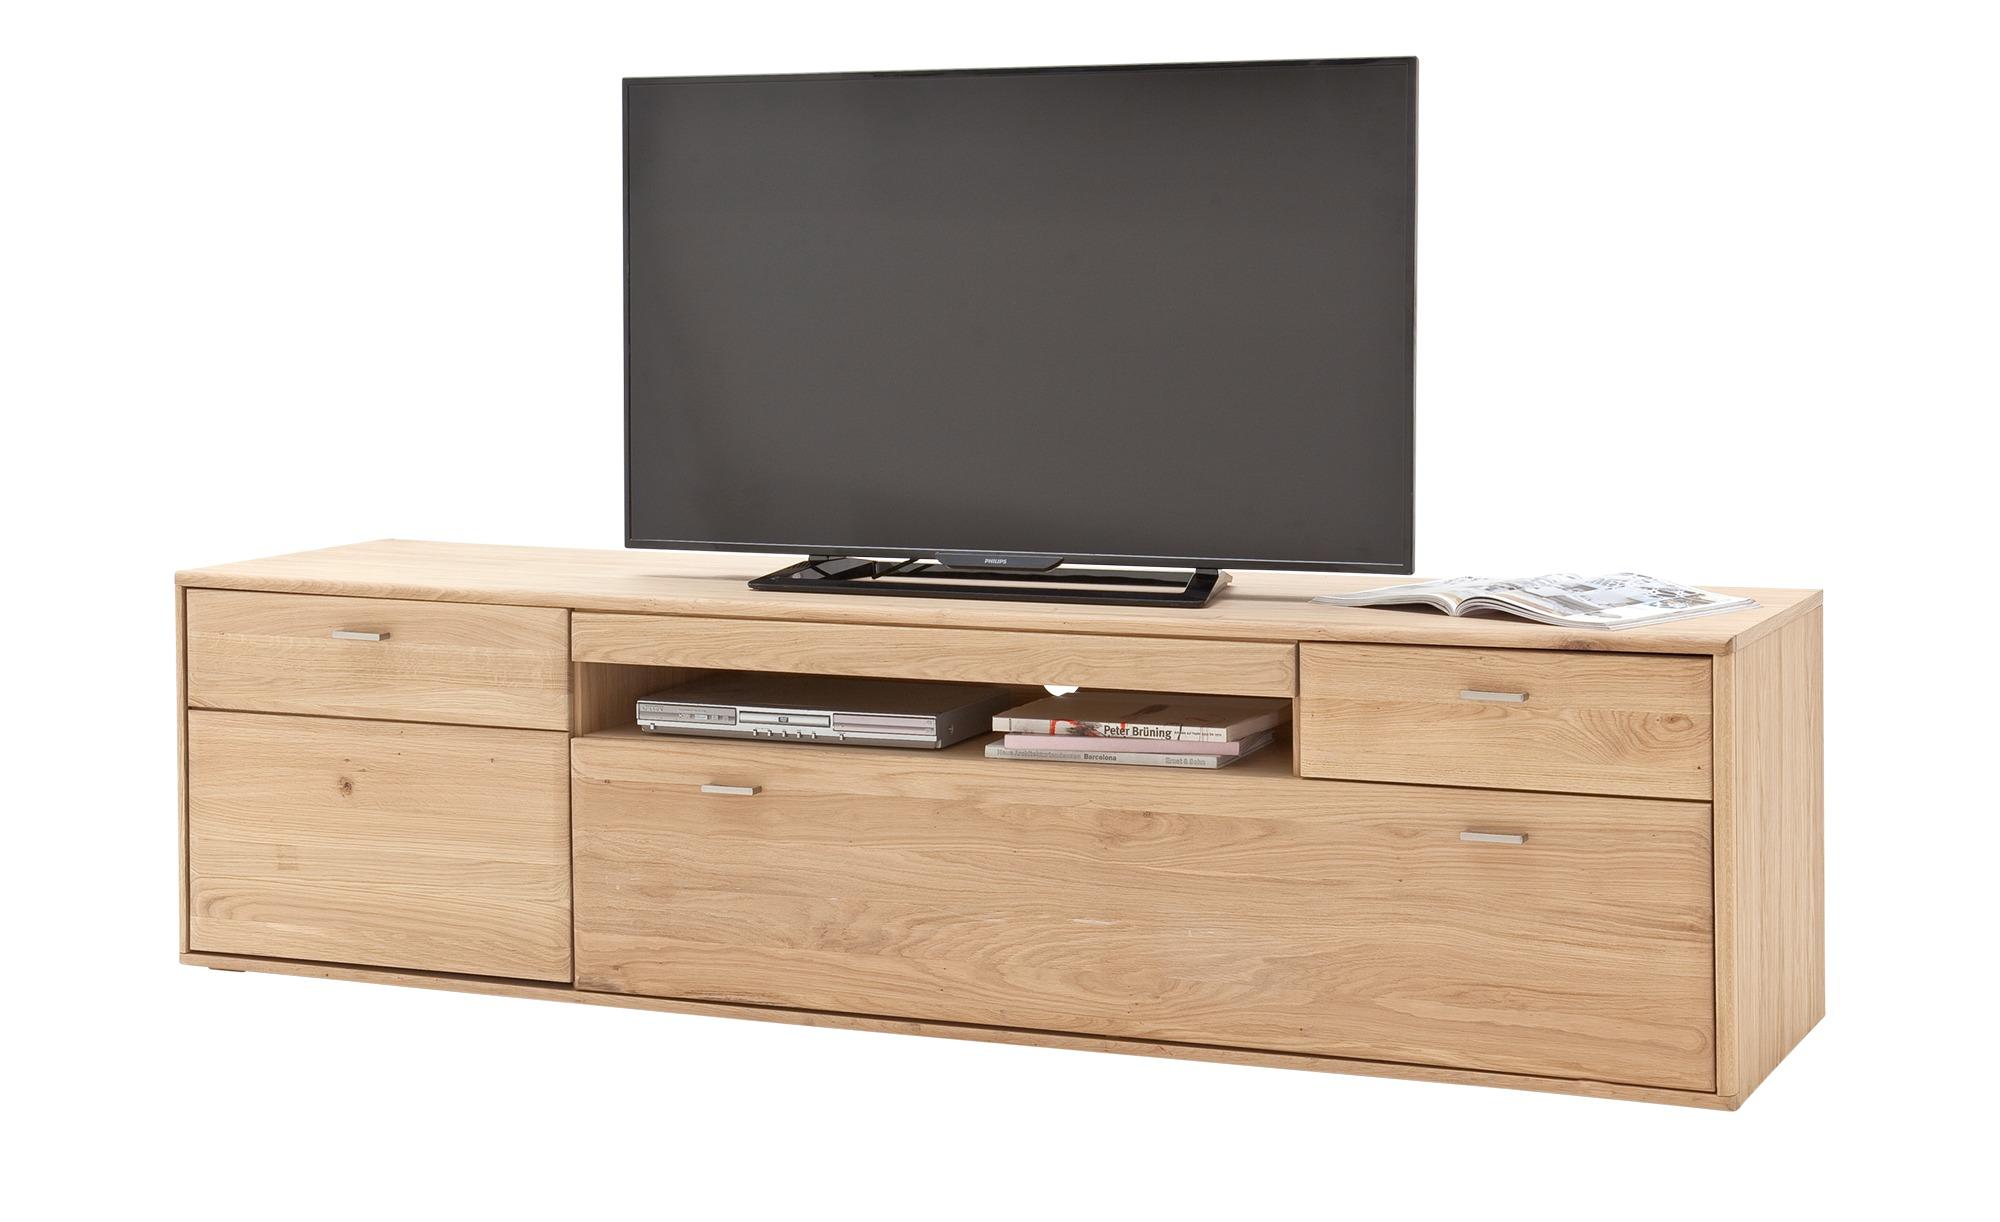 Woodford ¦ holzfarben ¦ Maße (cm): B: 214 H: 56 T: 52 Kommoden & Sideboards > Lowboards - Höffner